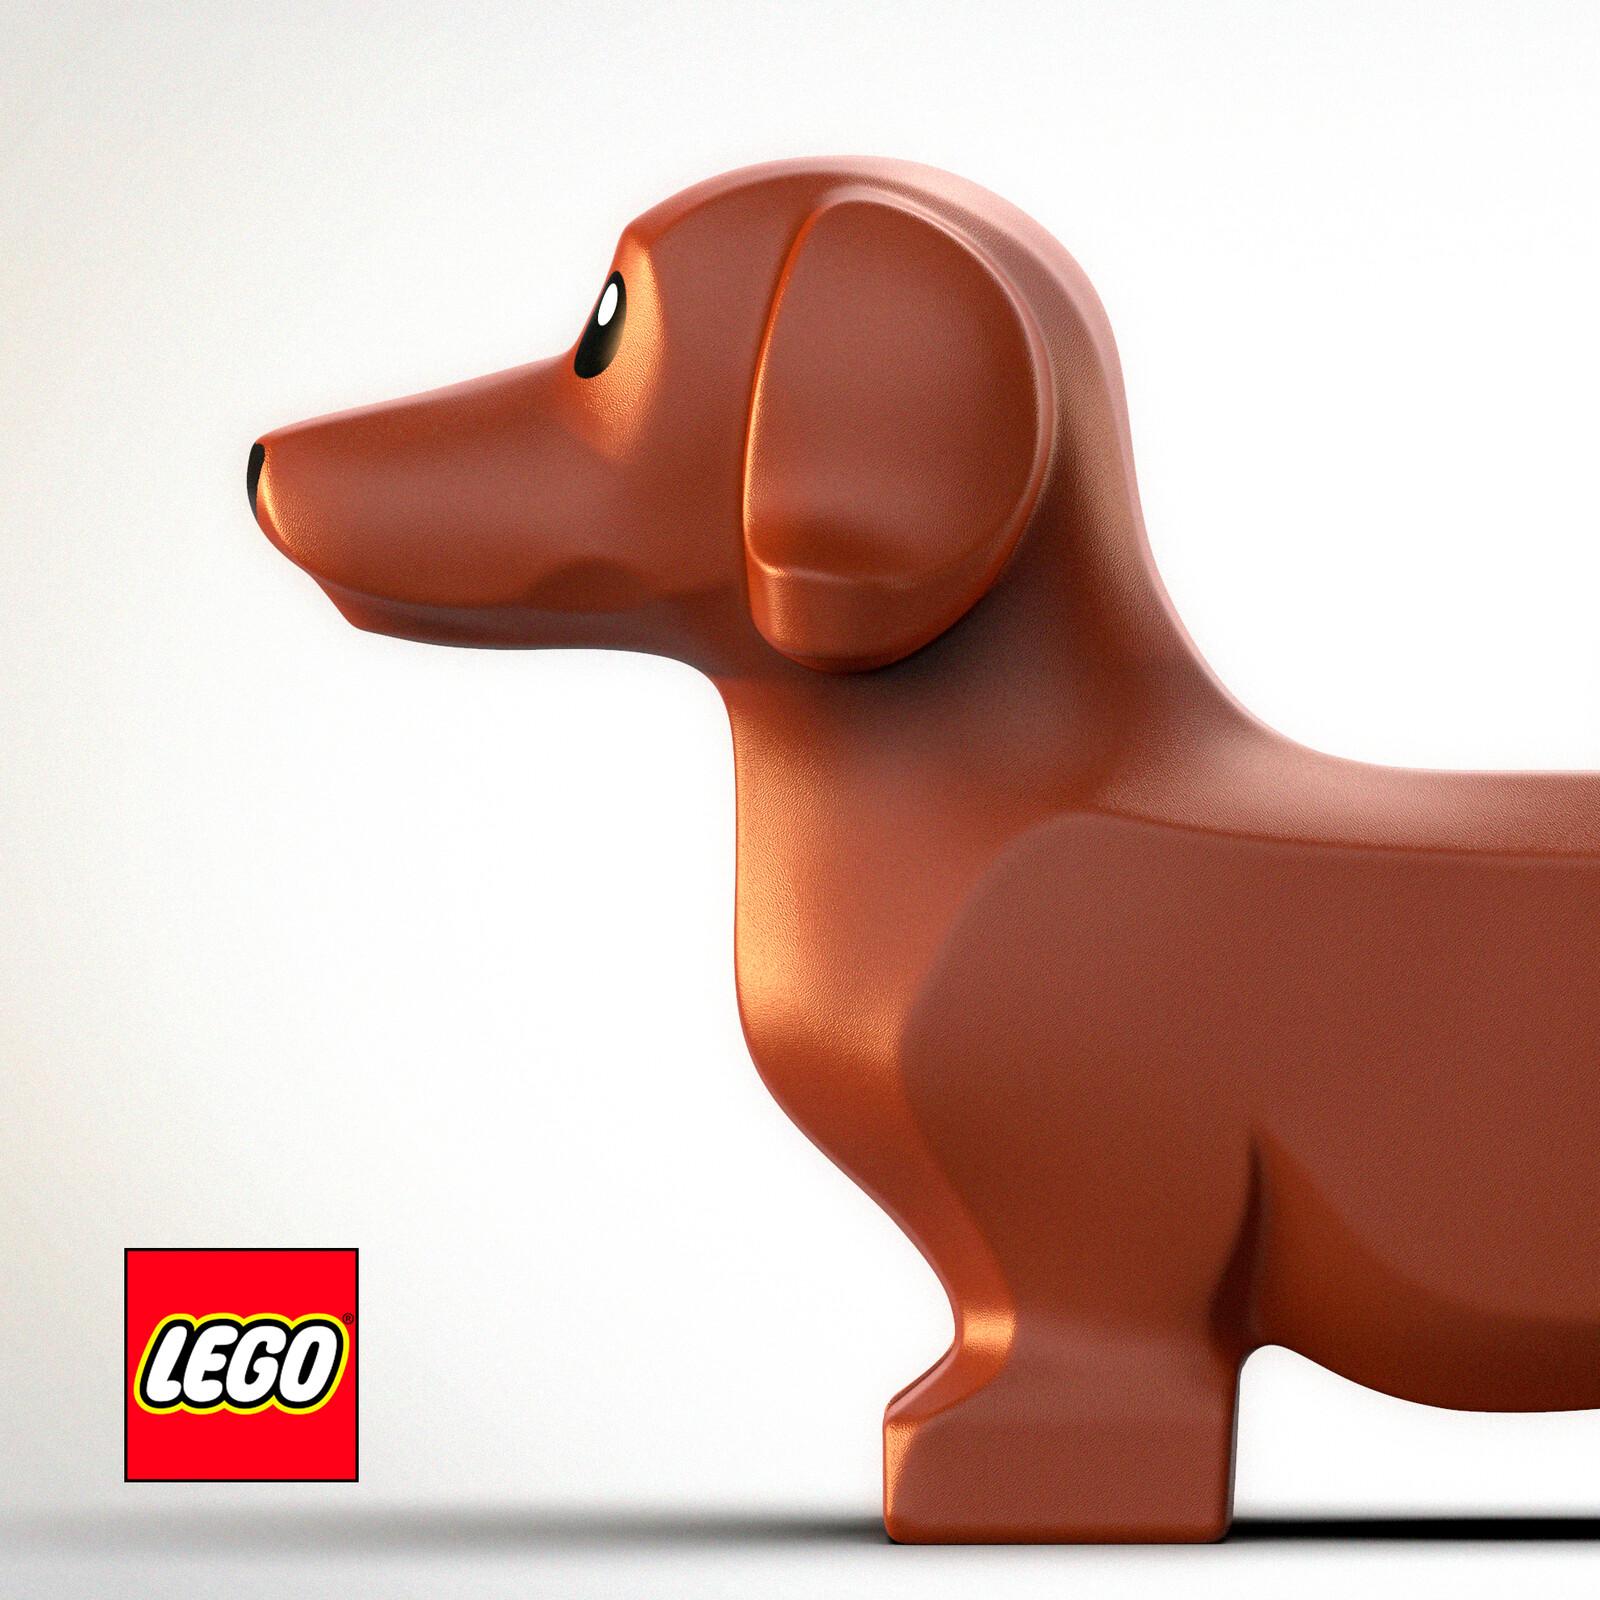 LEGO Wiener Dog